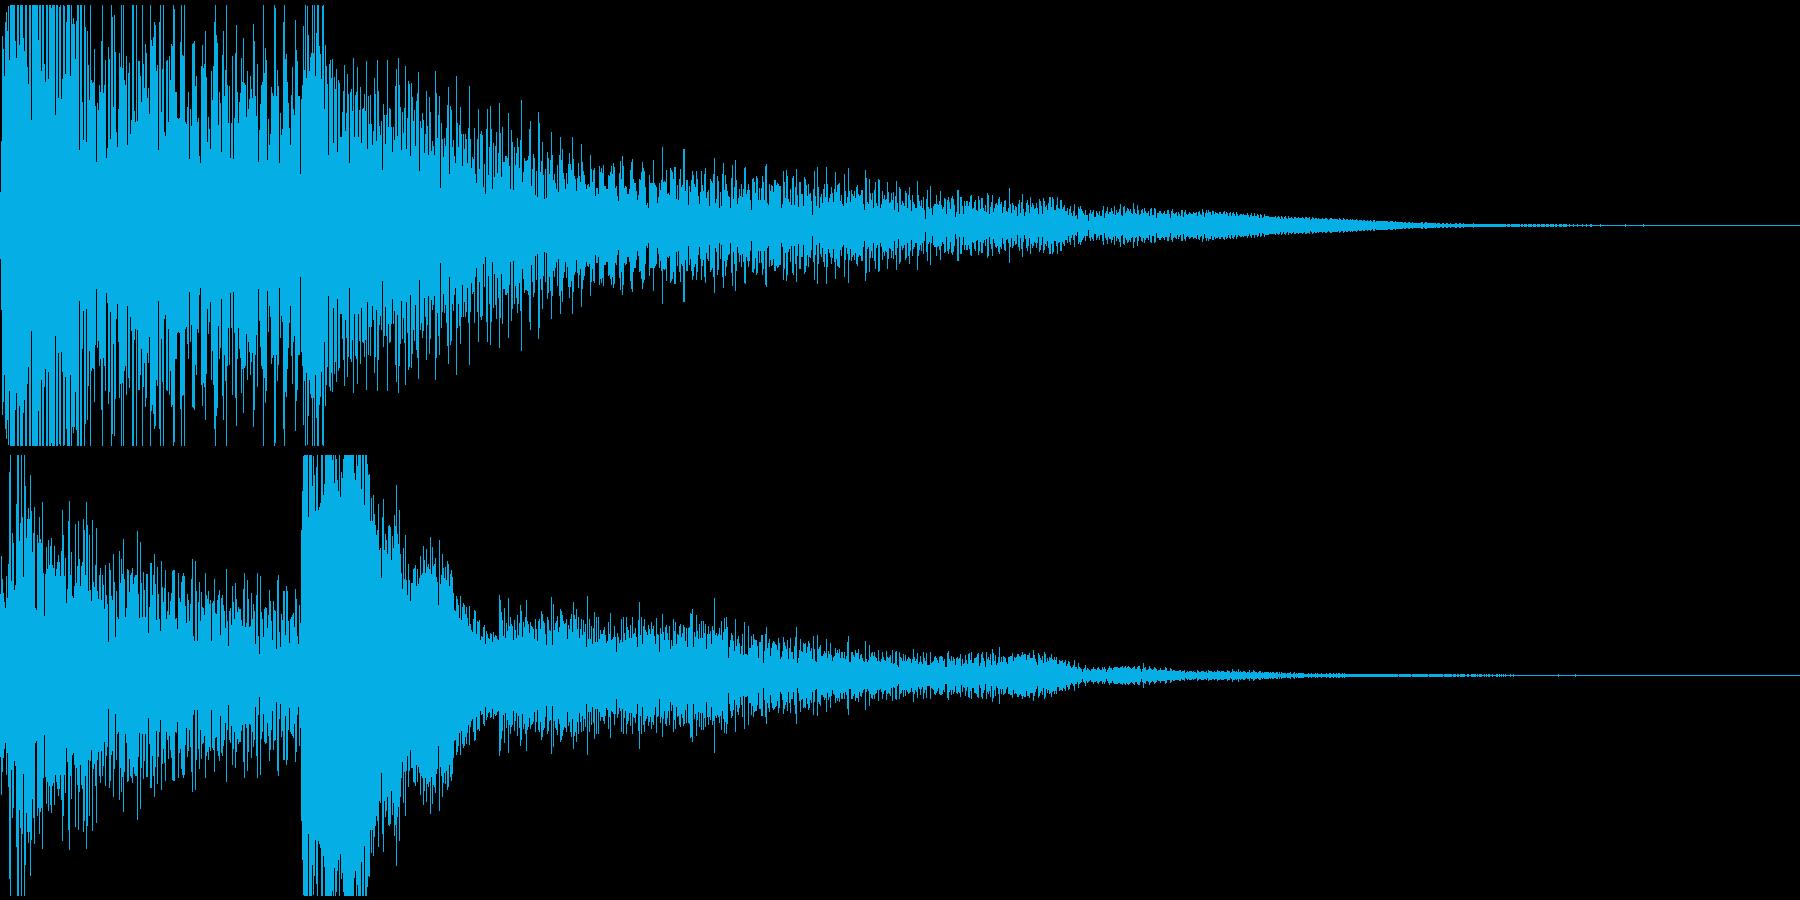 不吉な予感(ピアノ音)の再生済みの波形